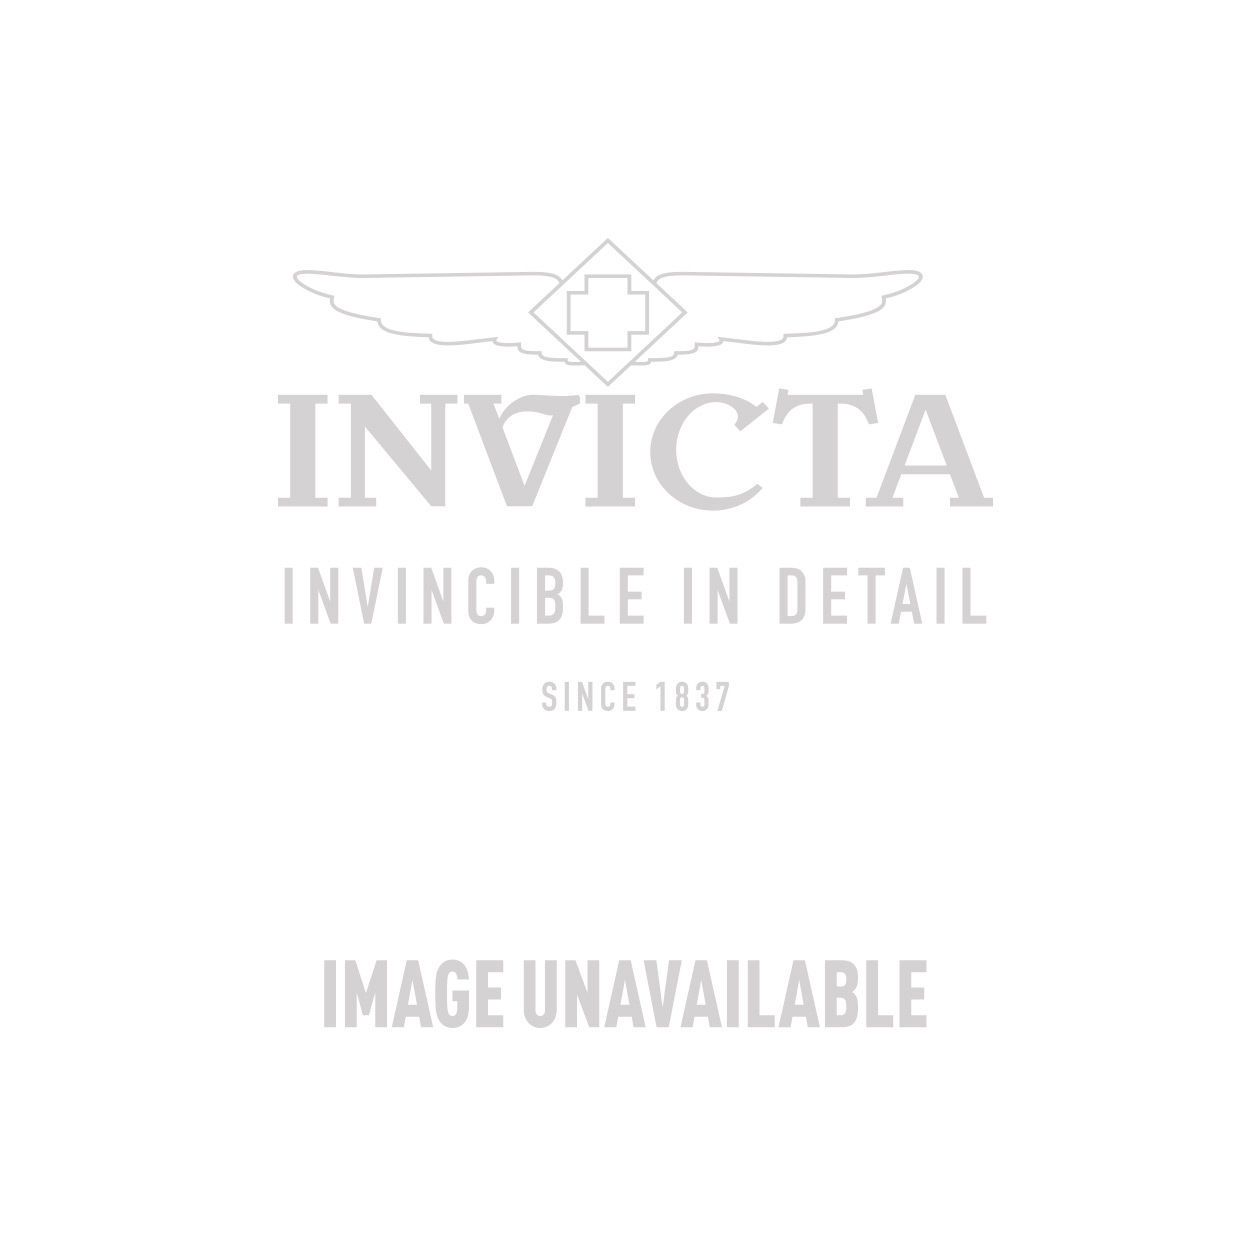 Invicta Model 25864